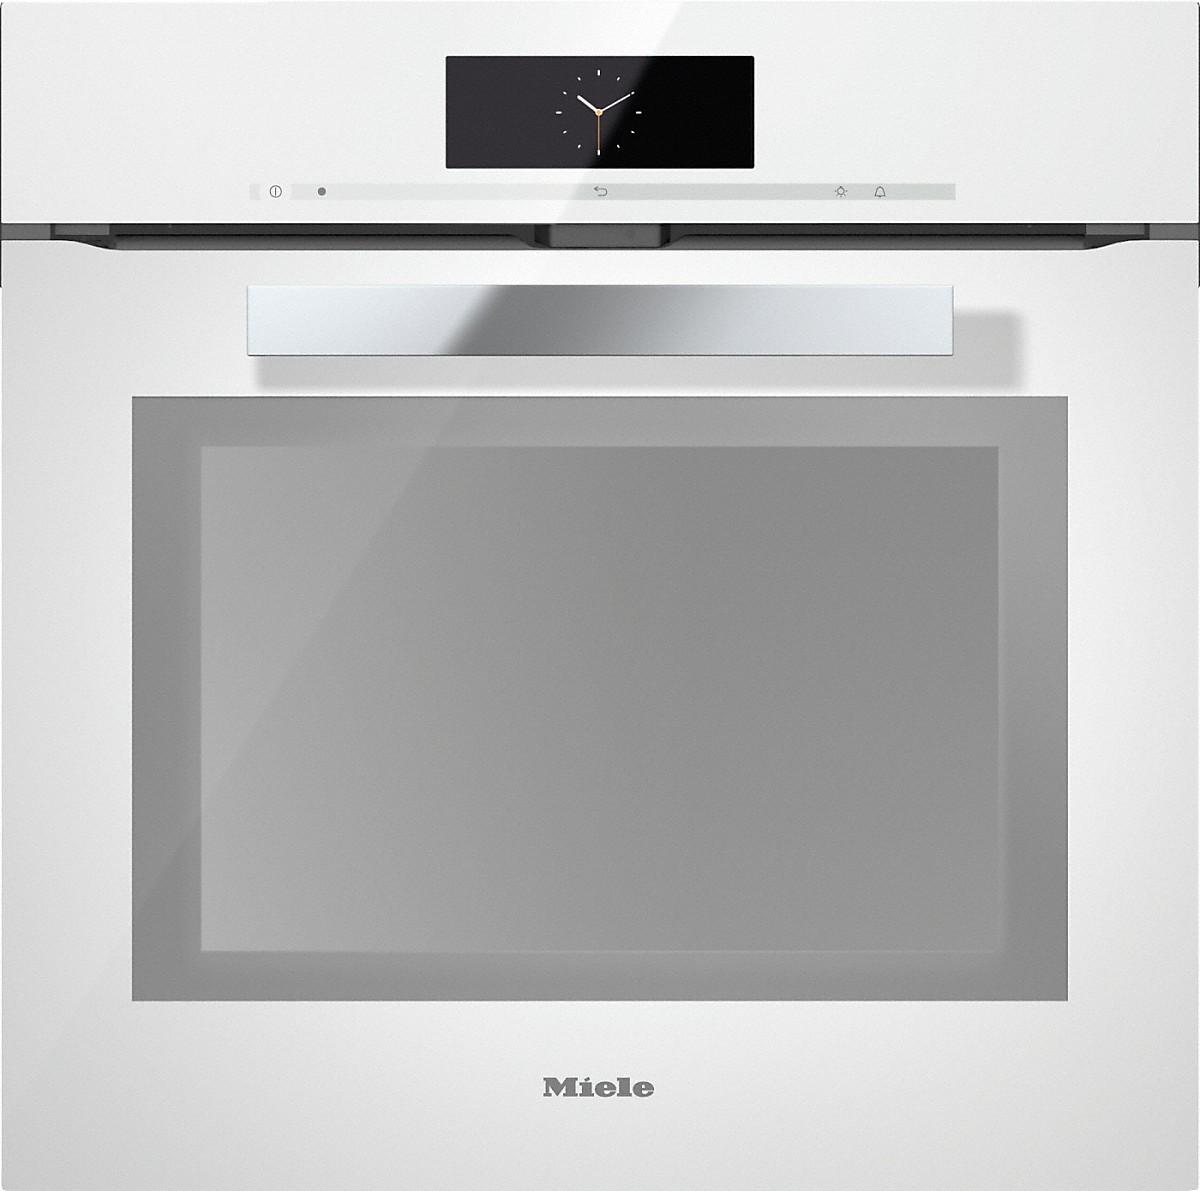 miele ovens h 6860 bp oven. Black Bedroom Furniture Sets. Home Design Ideas